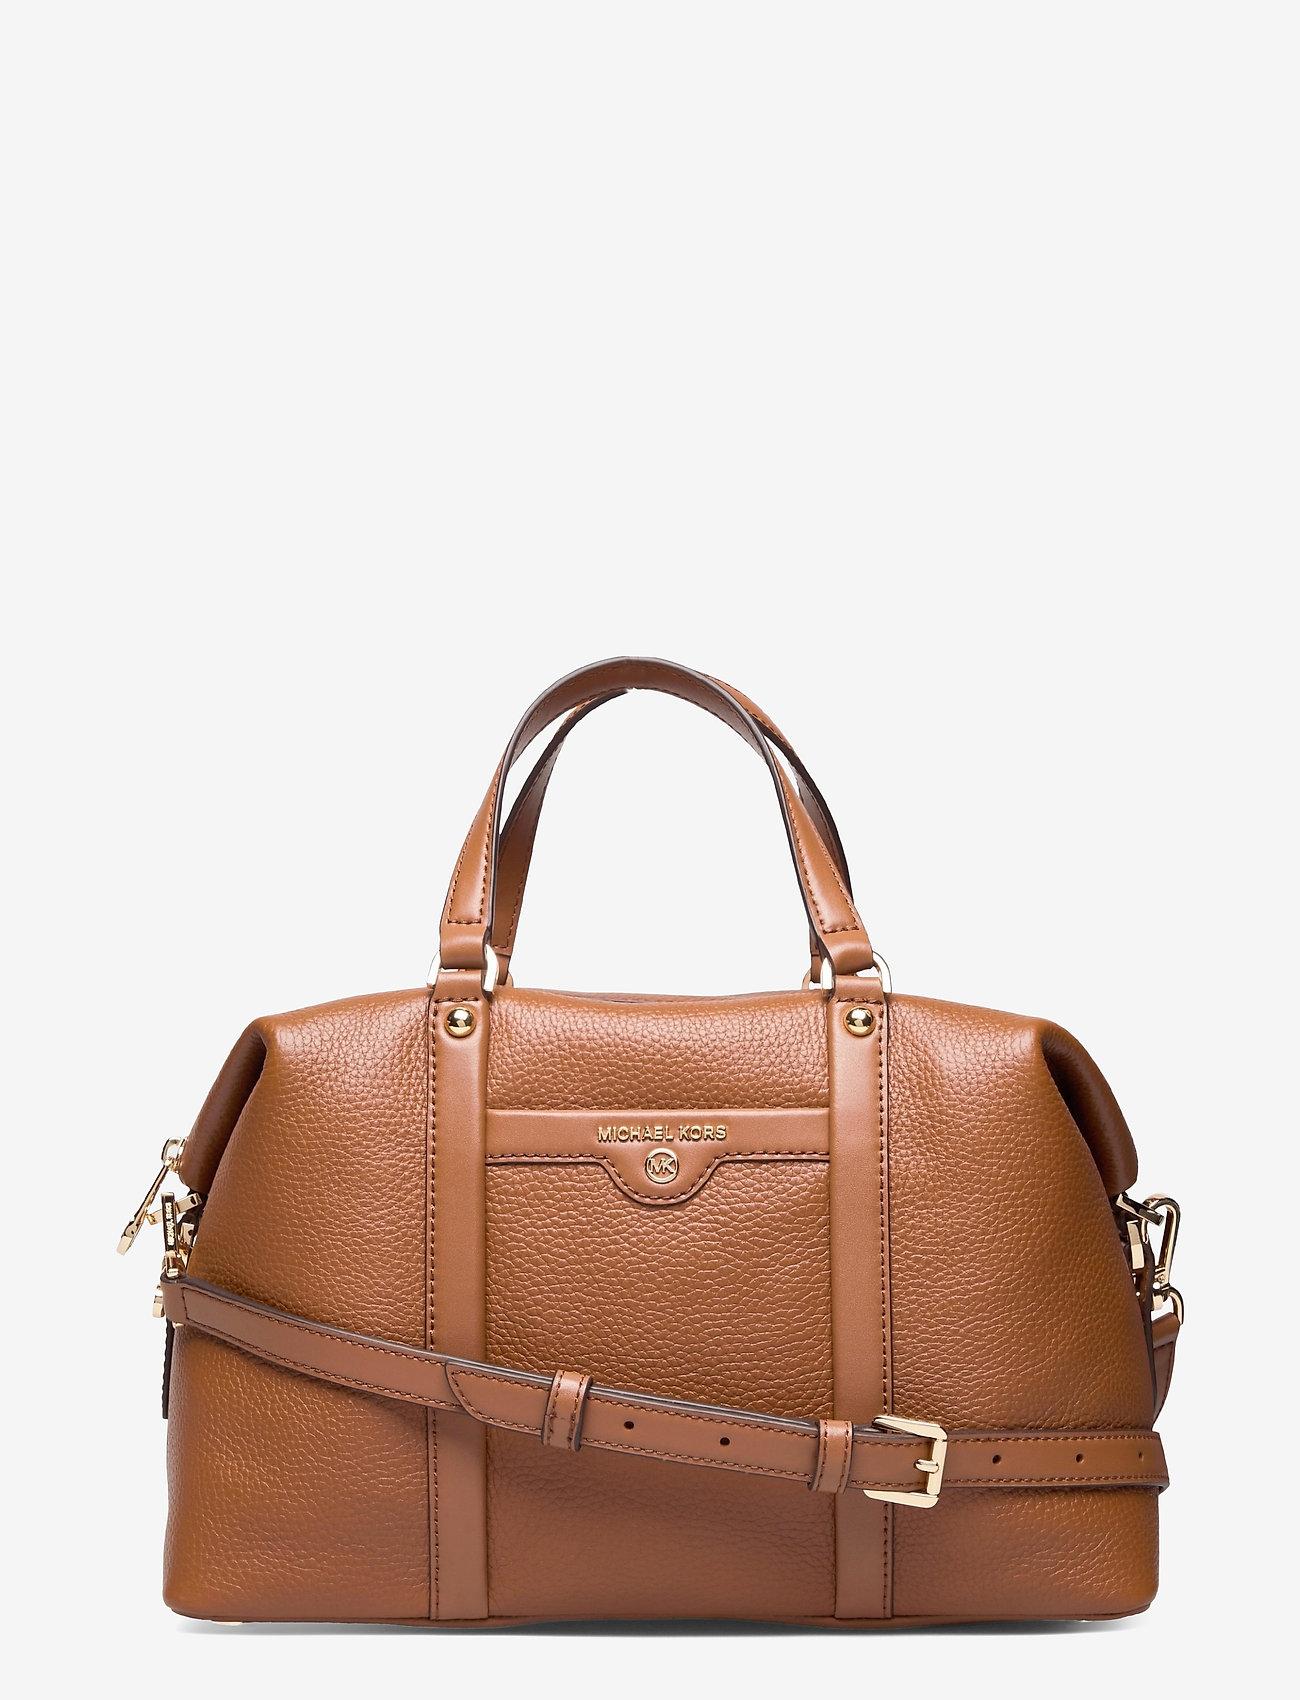 Michael Kors - MD SATCHEL - weekend bags - luggage - 0